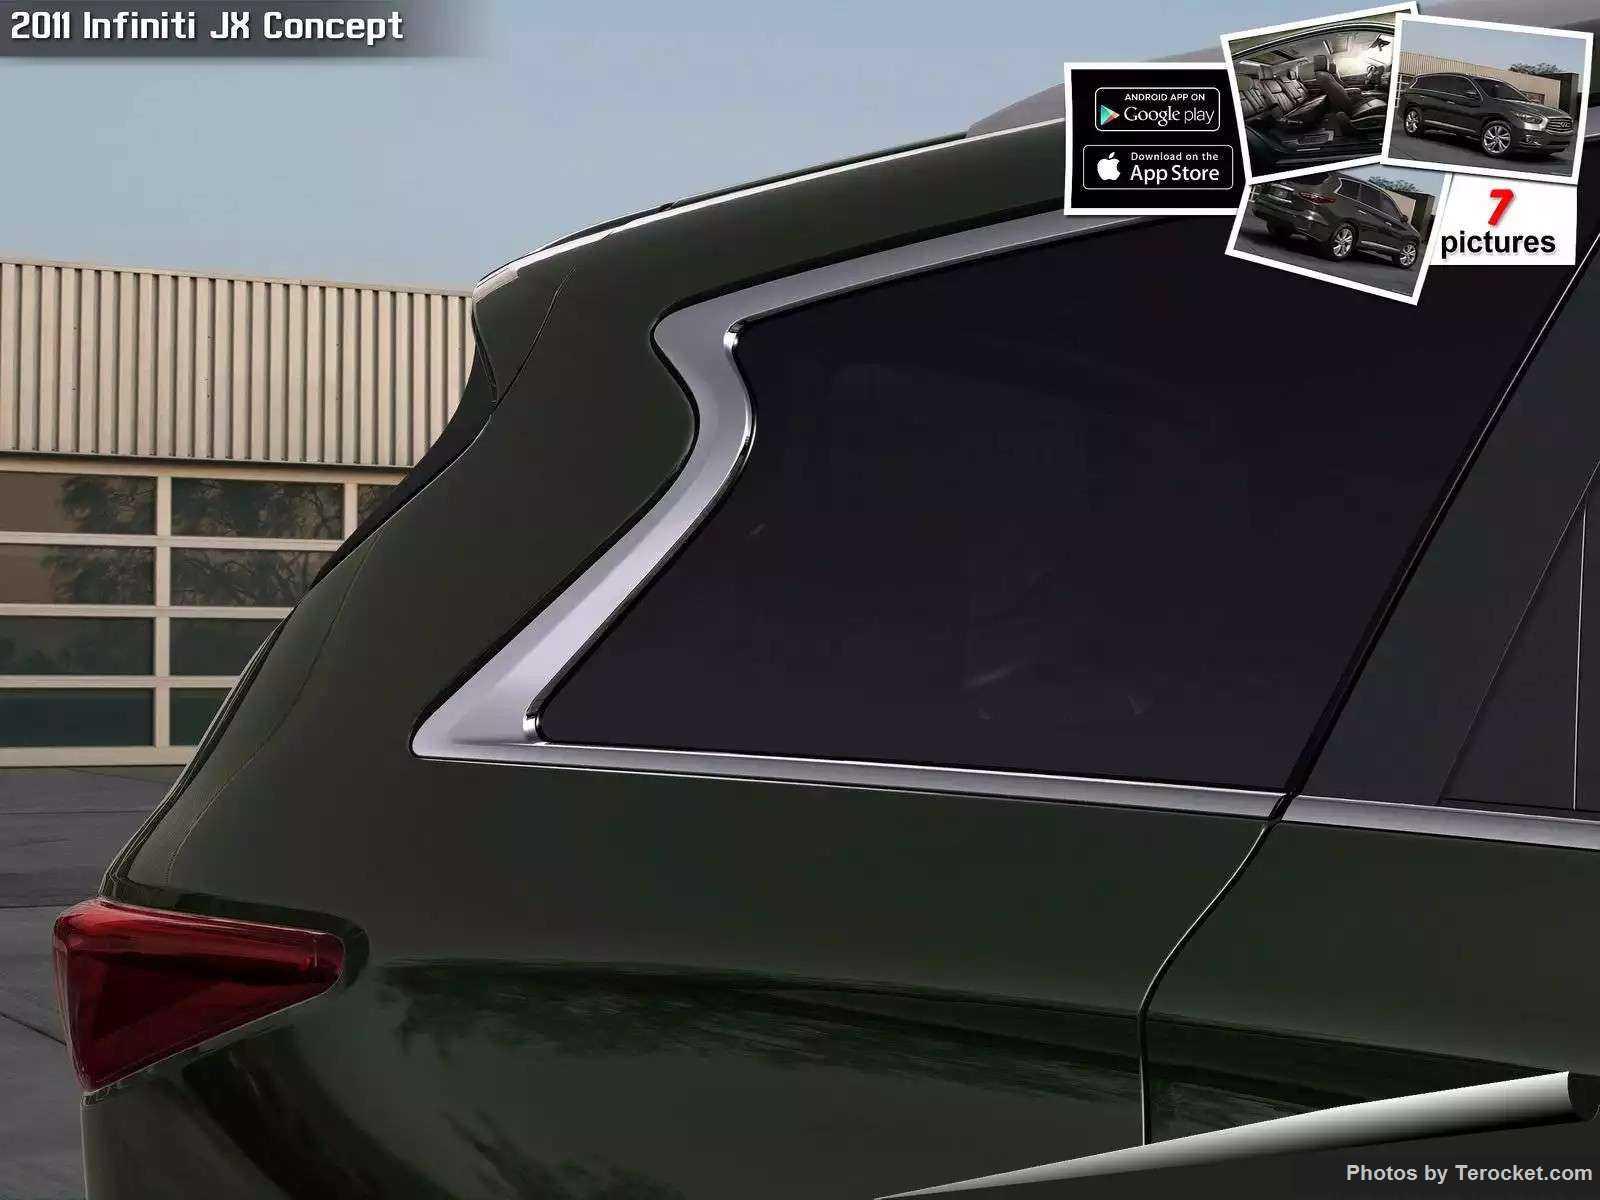 Hình ảnh xe ô tô Infiniti JX Concept 2011 & nội ngoại thất